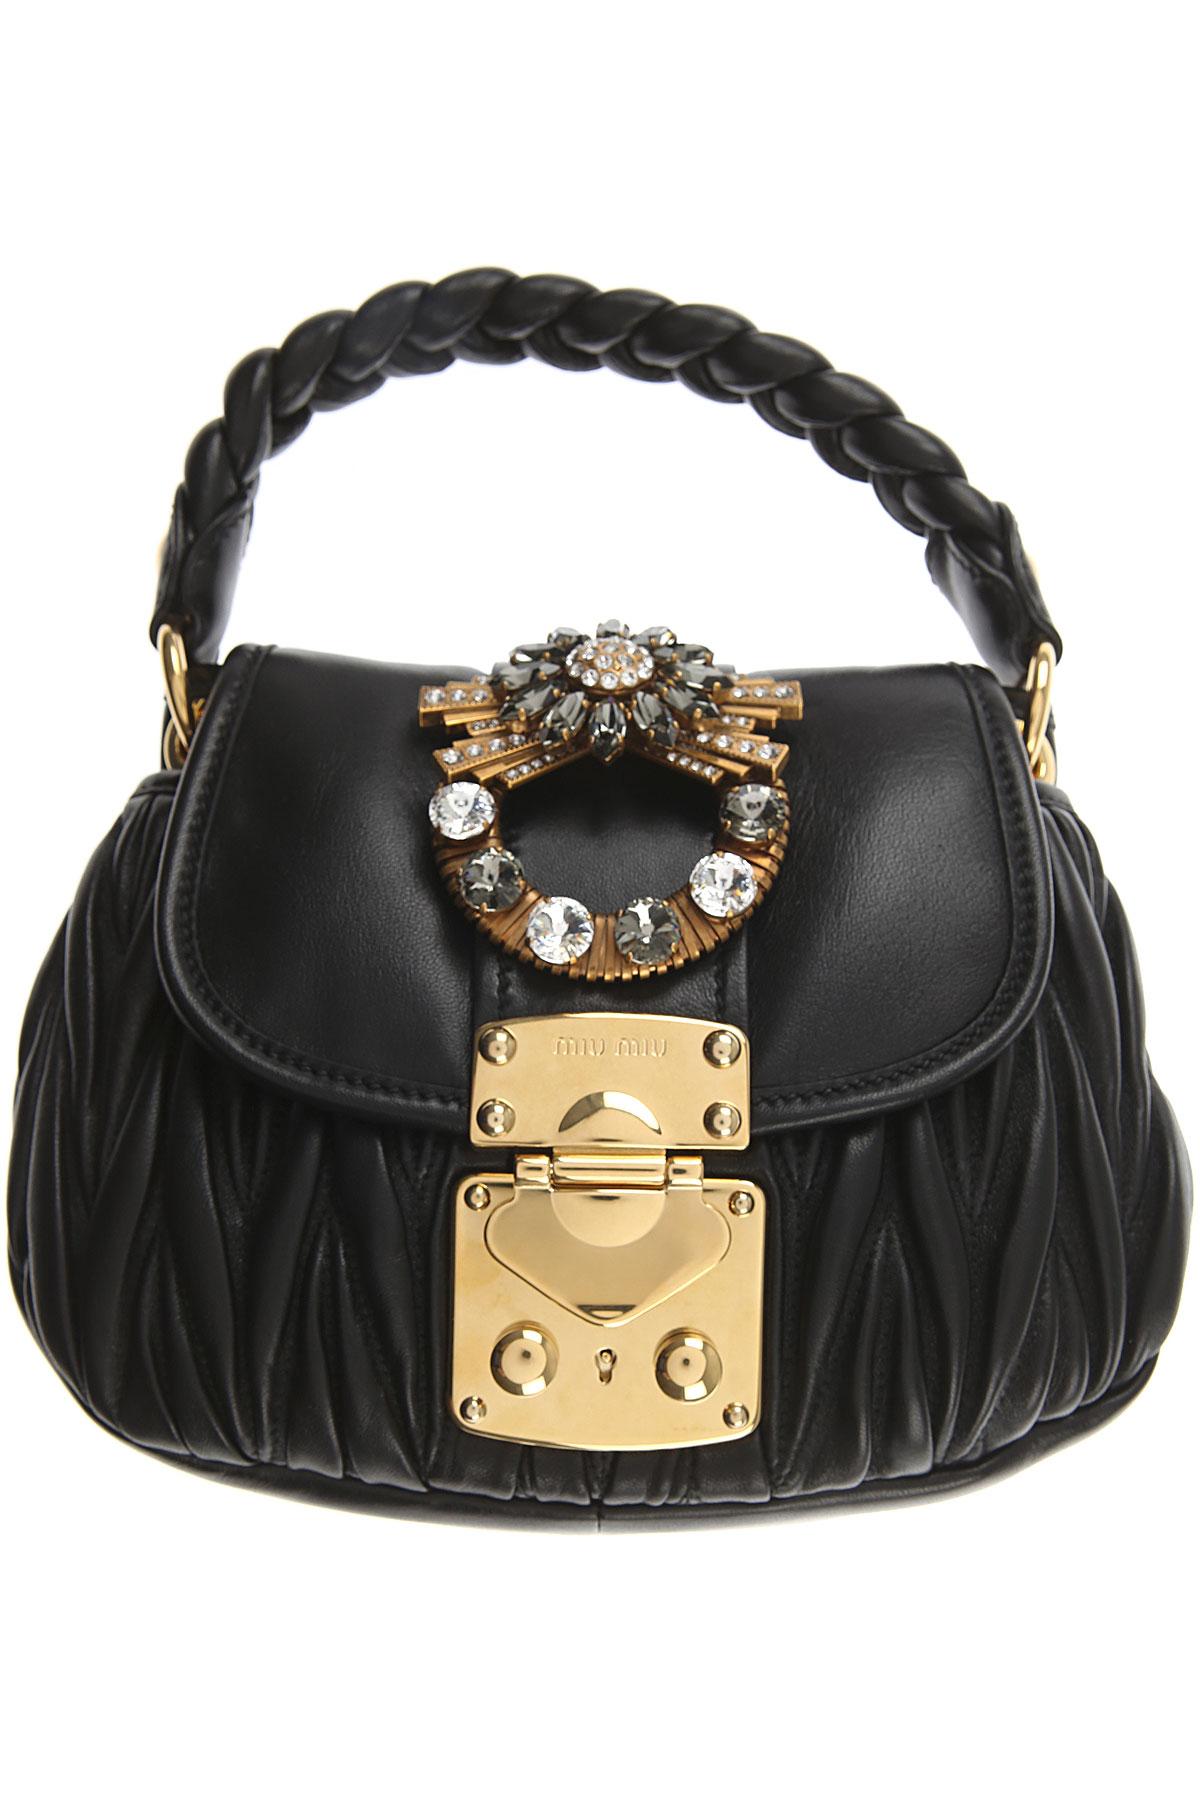 b078aa72c74 Miu Miu. Handbags